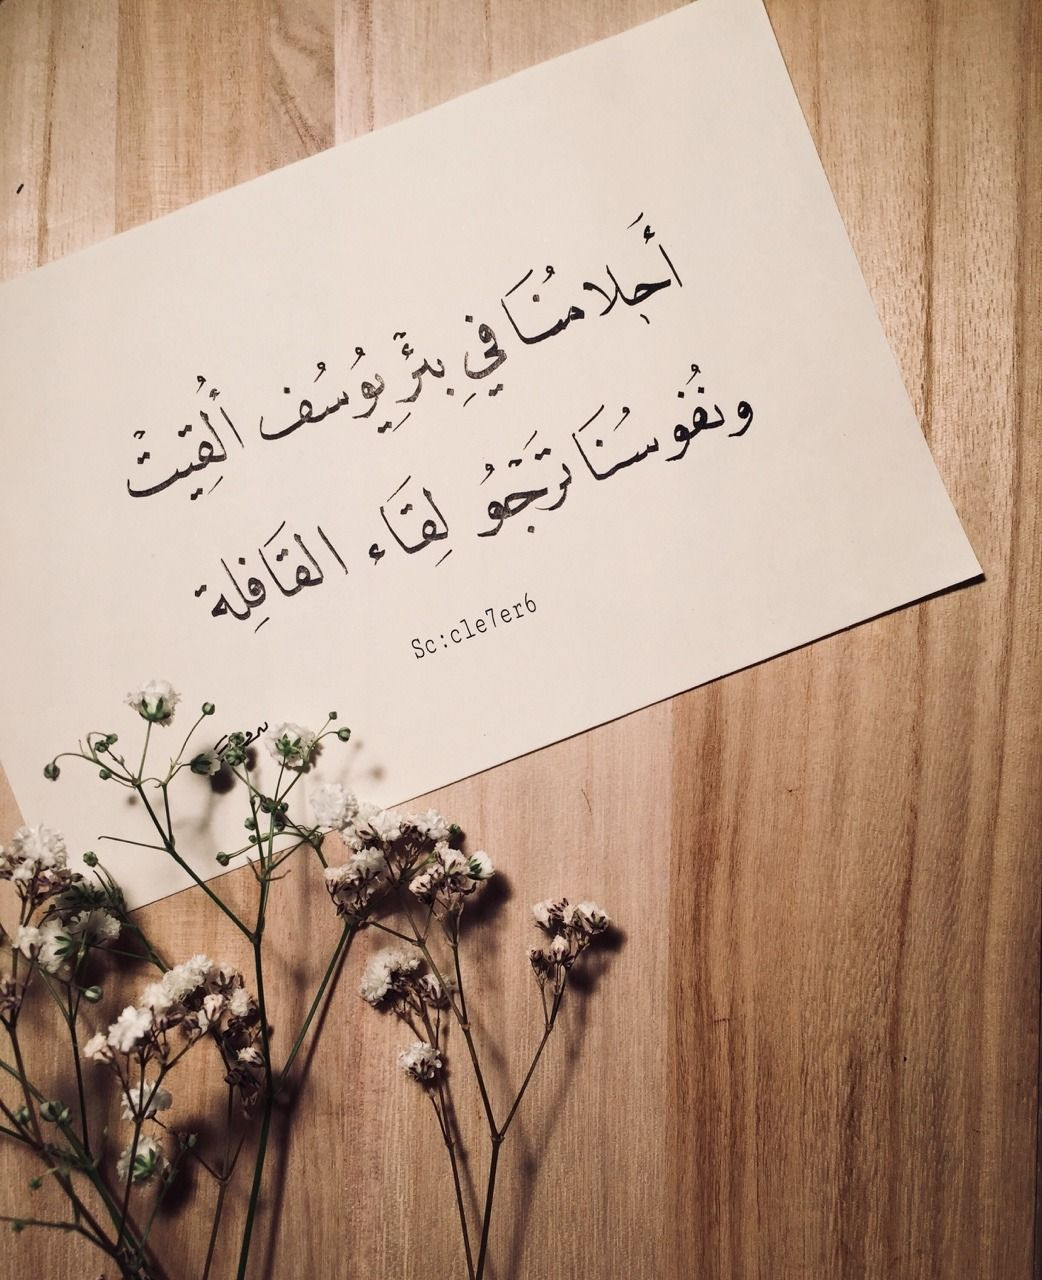 أحلامنا في بئر يوسف أ لقيت ونفوسنا ترجو لقاء القافلة Words Quotes Text Quotes Arabic Quotes